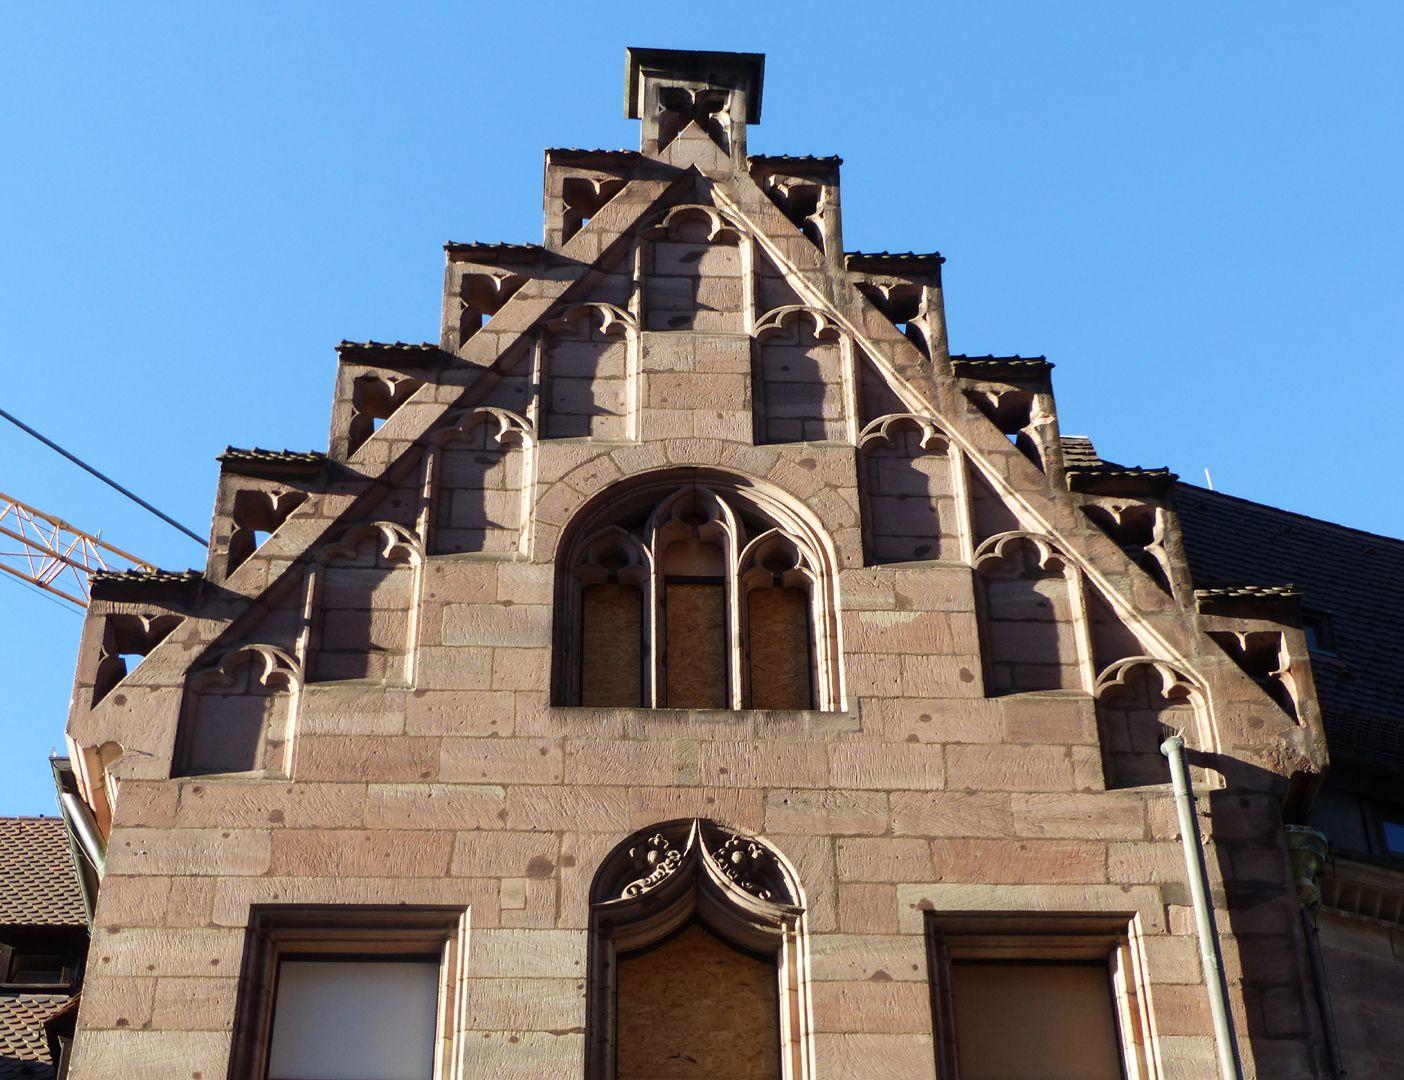 St. Lorenz-Church-Vicarage Treppengiebel mit Blenden